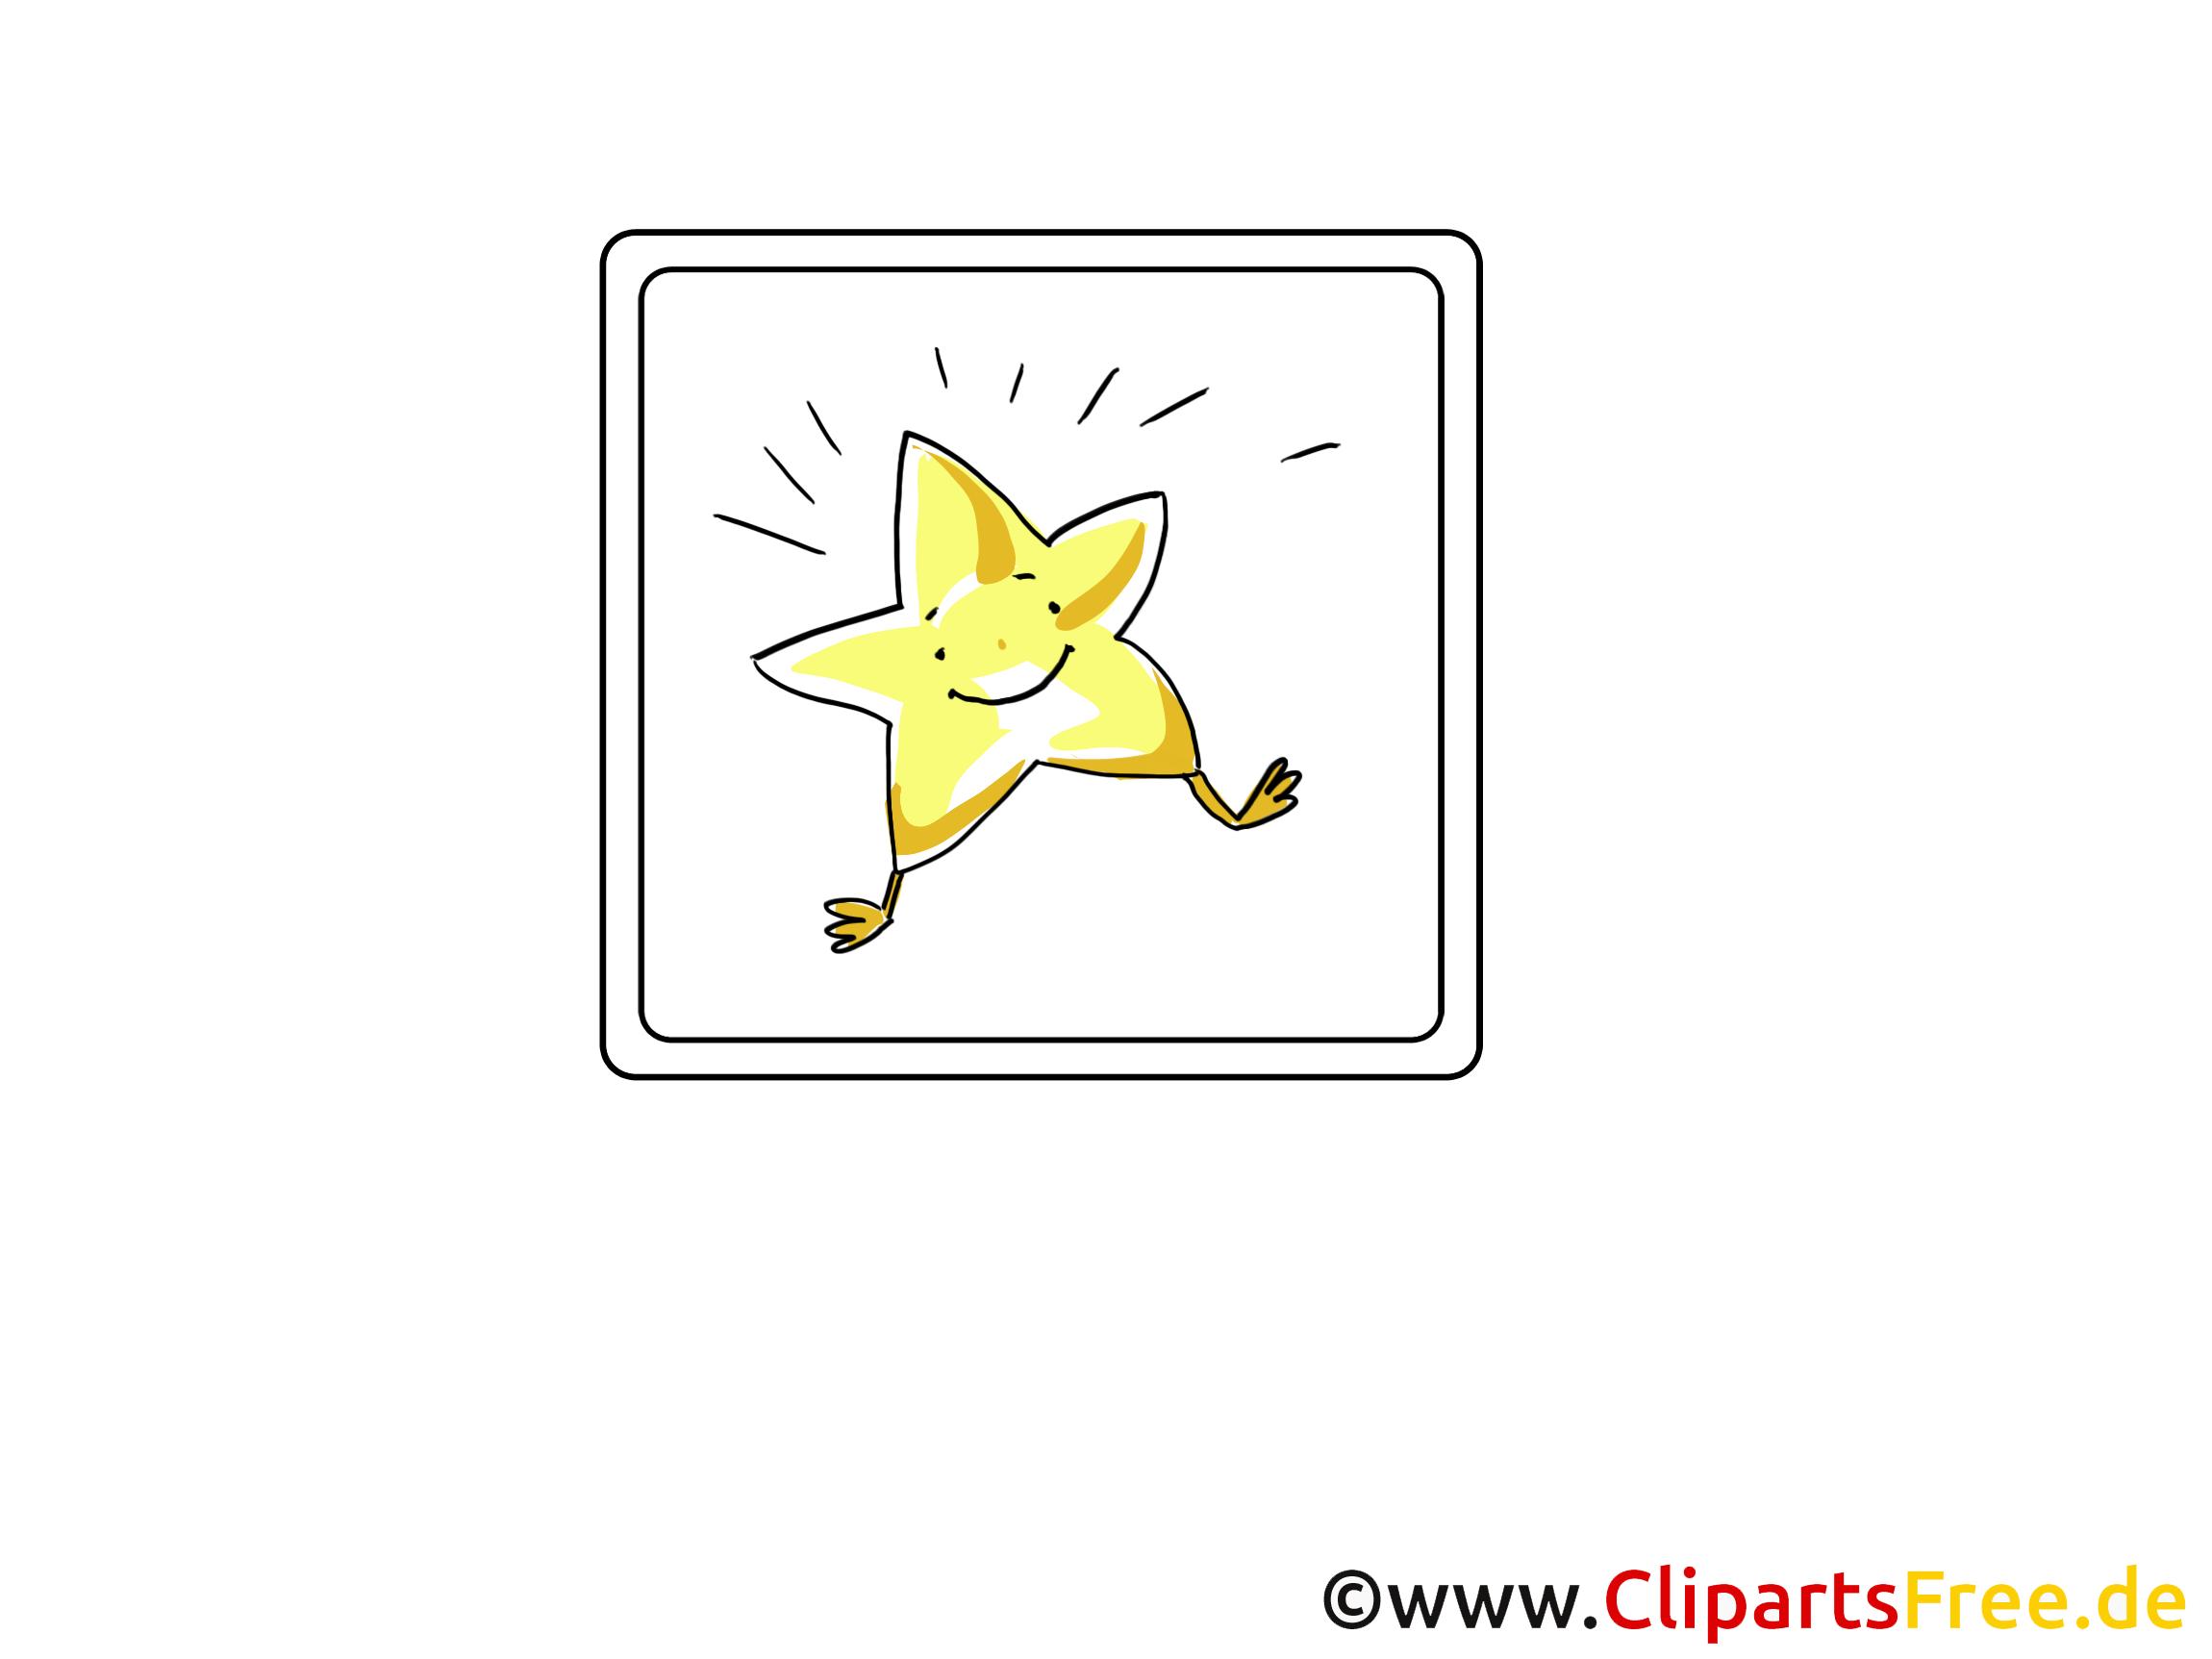 Étoile icône image à télécharger gratuite